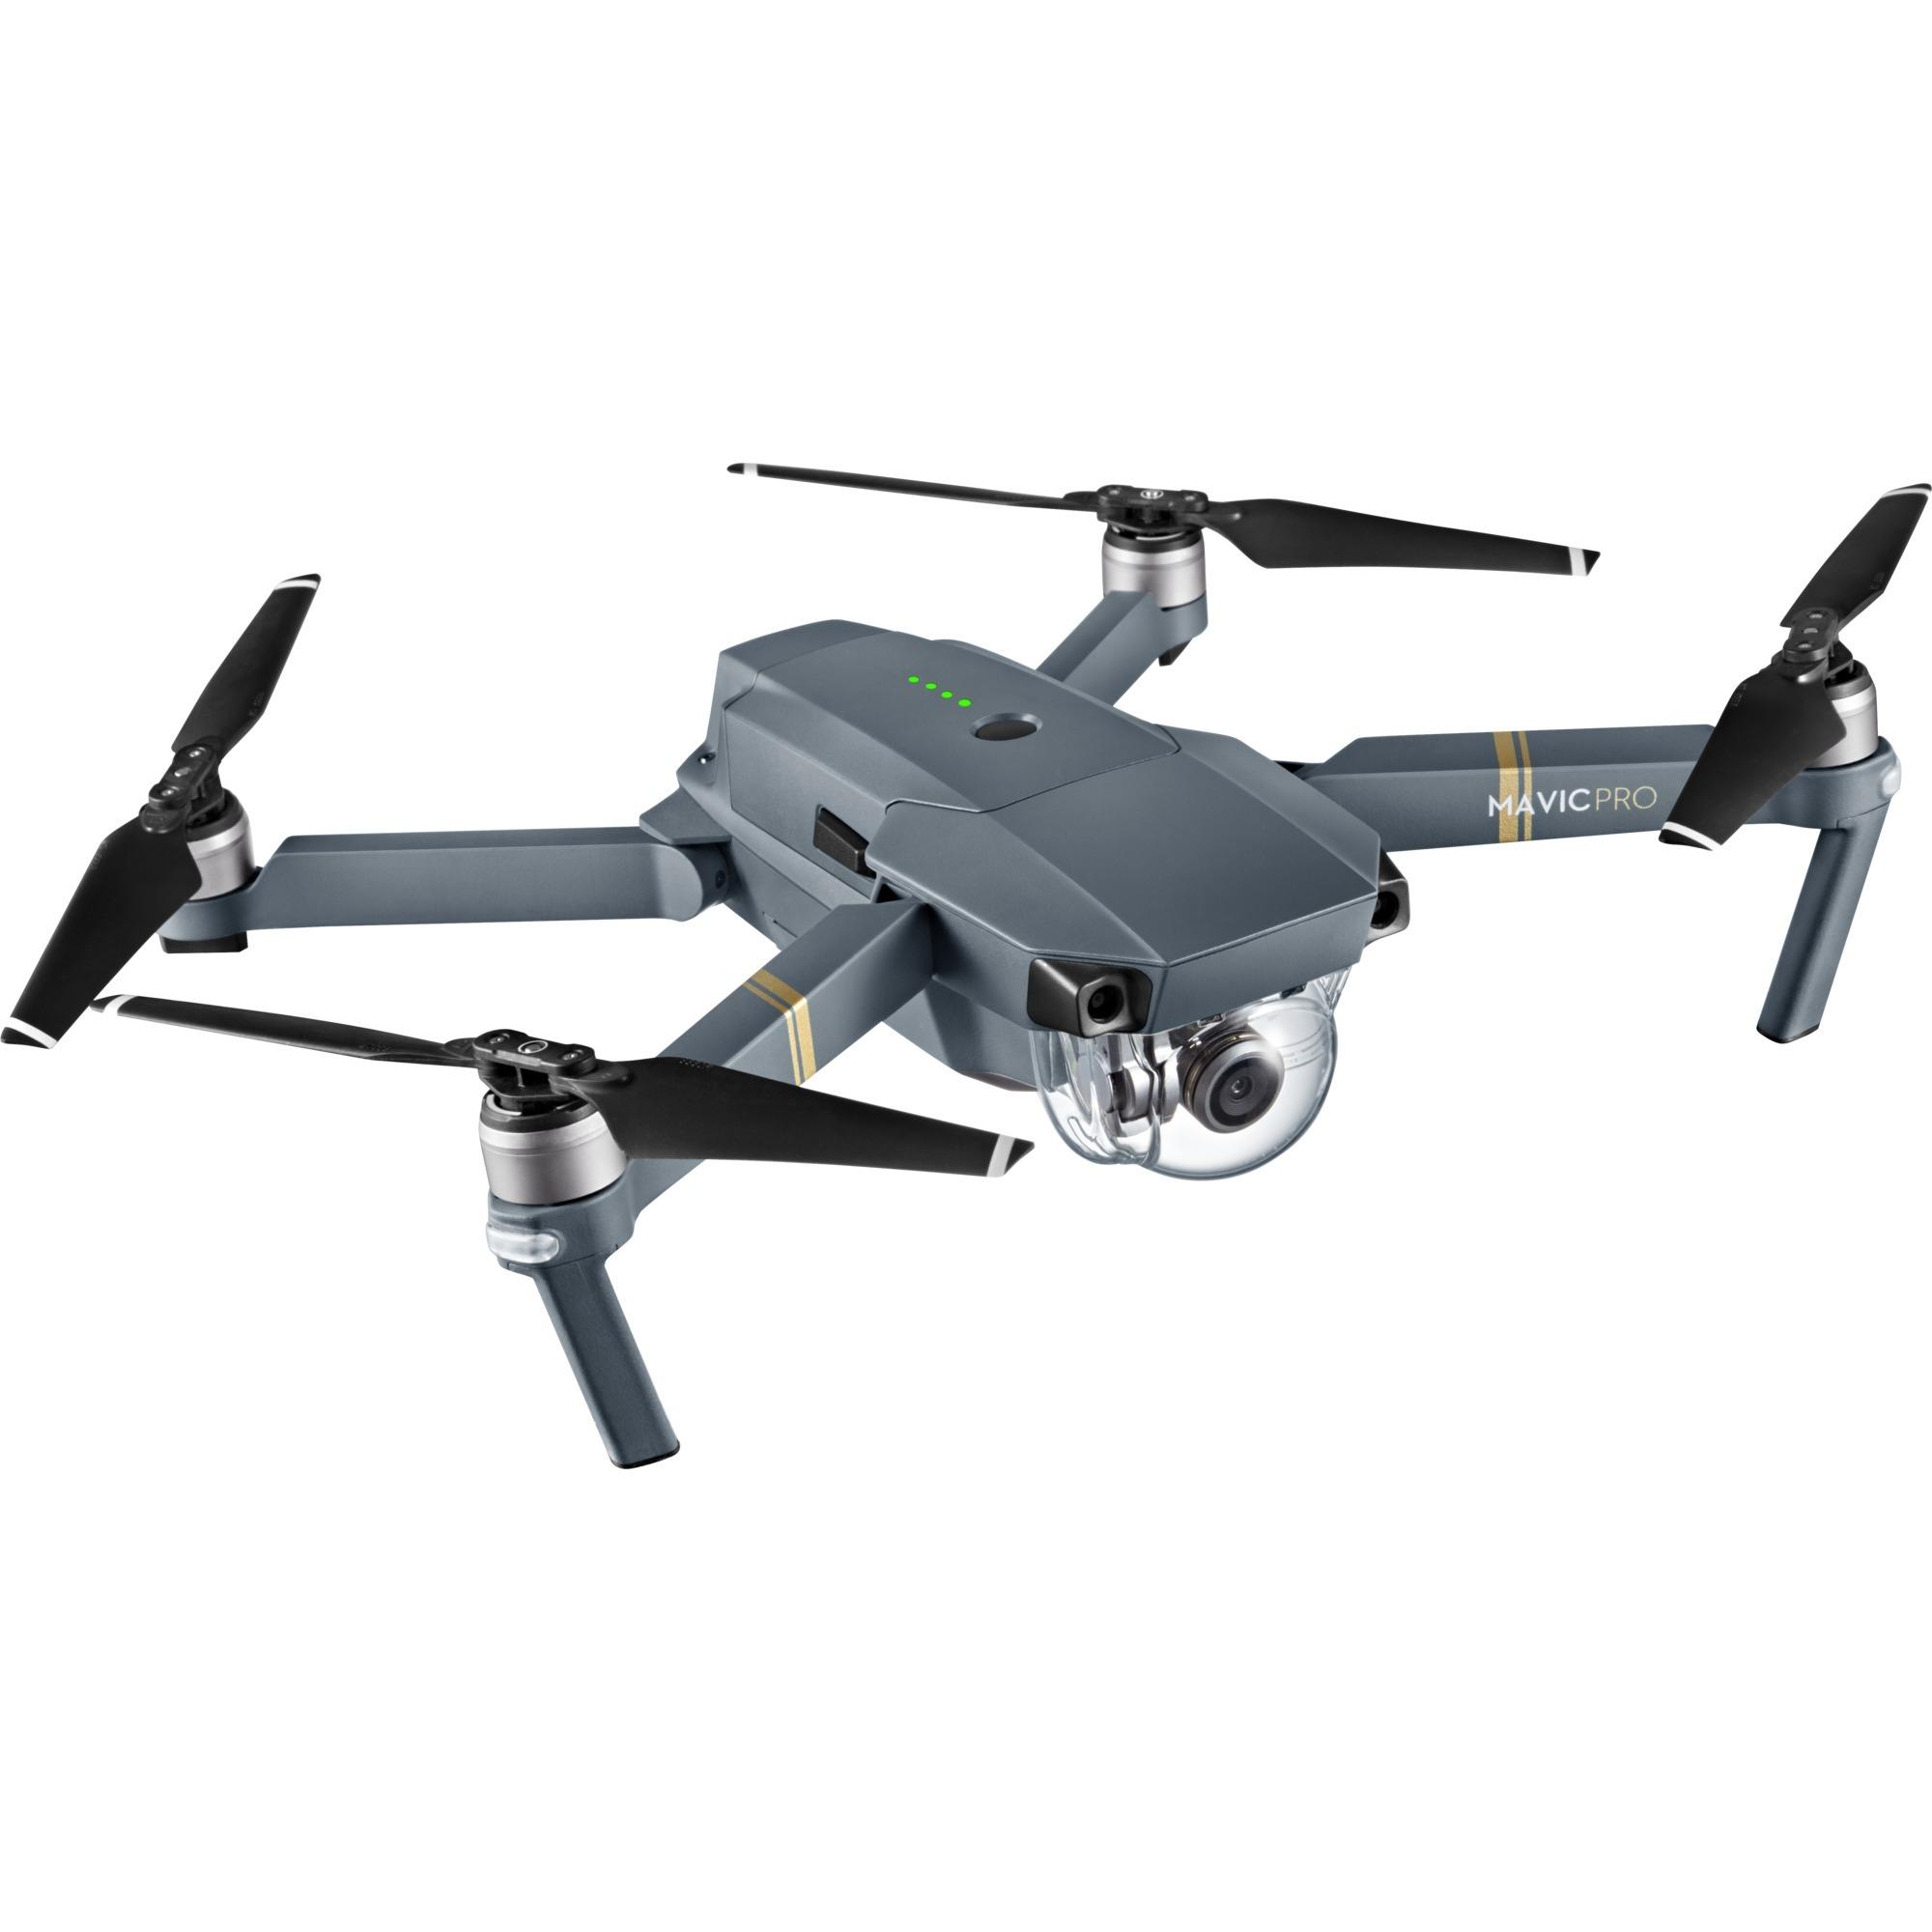 Mavic Pro, Drone